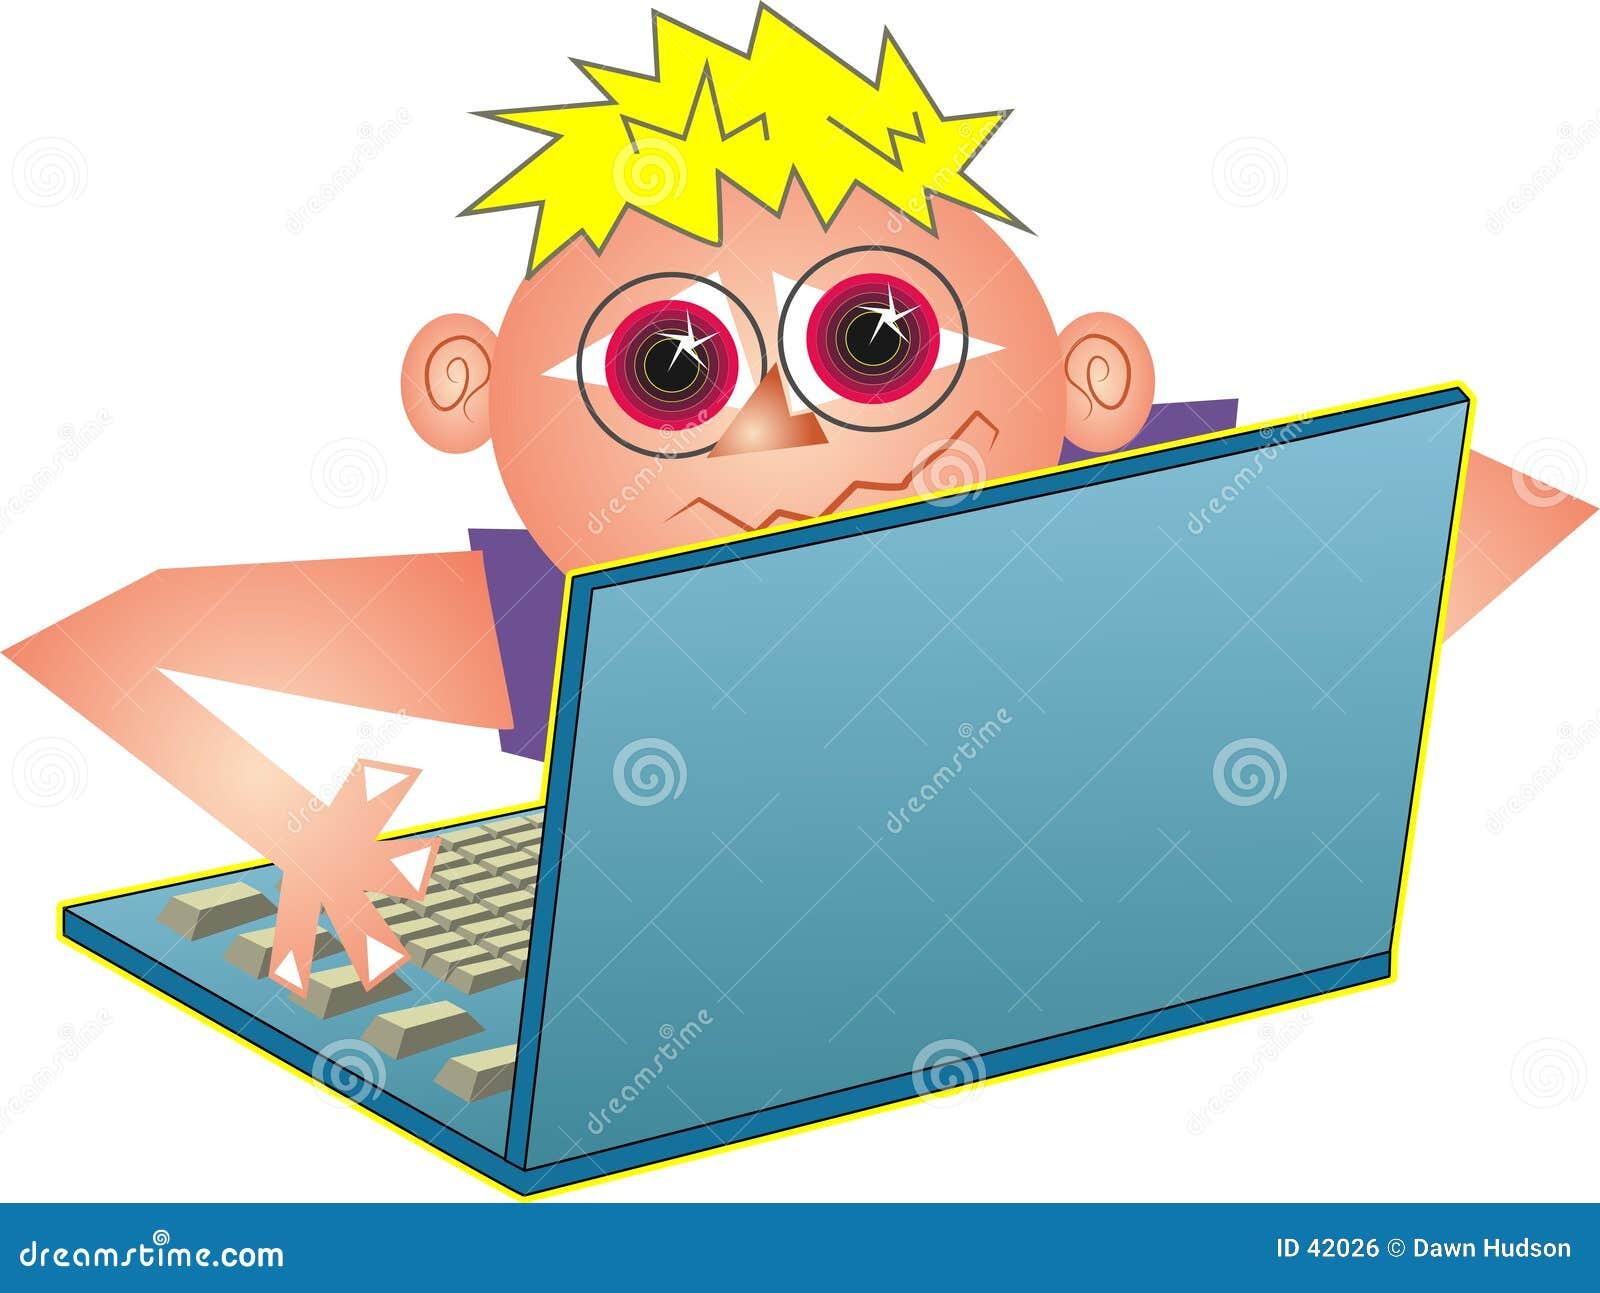 Download Computer-Aussenseiter stock abbildung. Illustration von tastatur - 42026